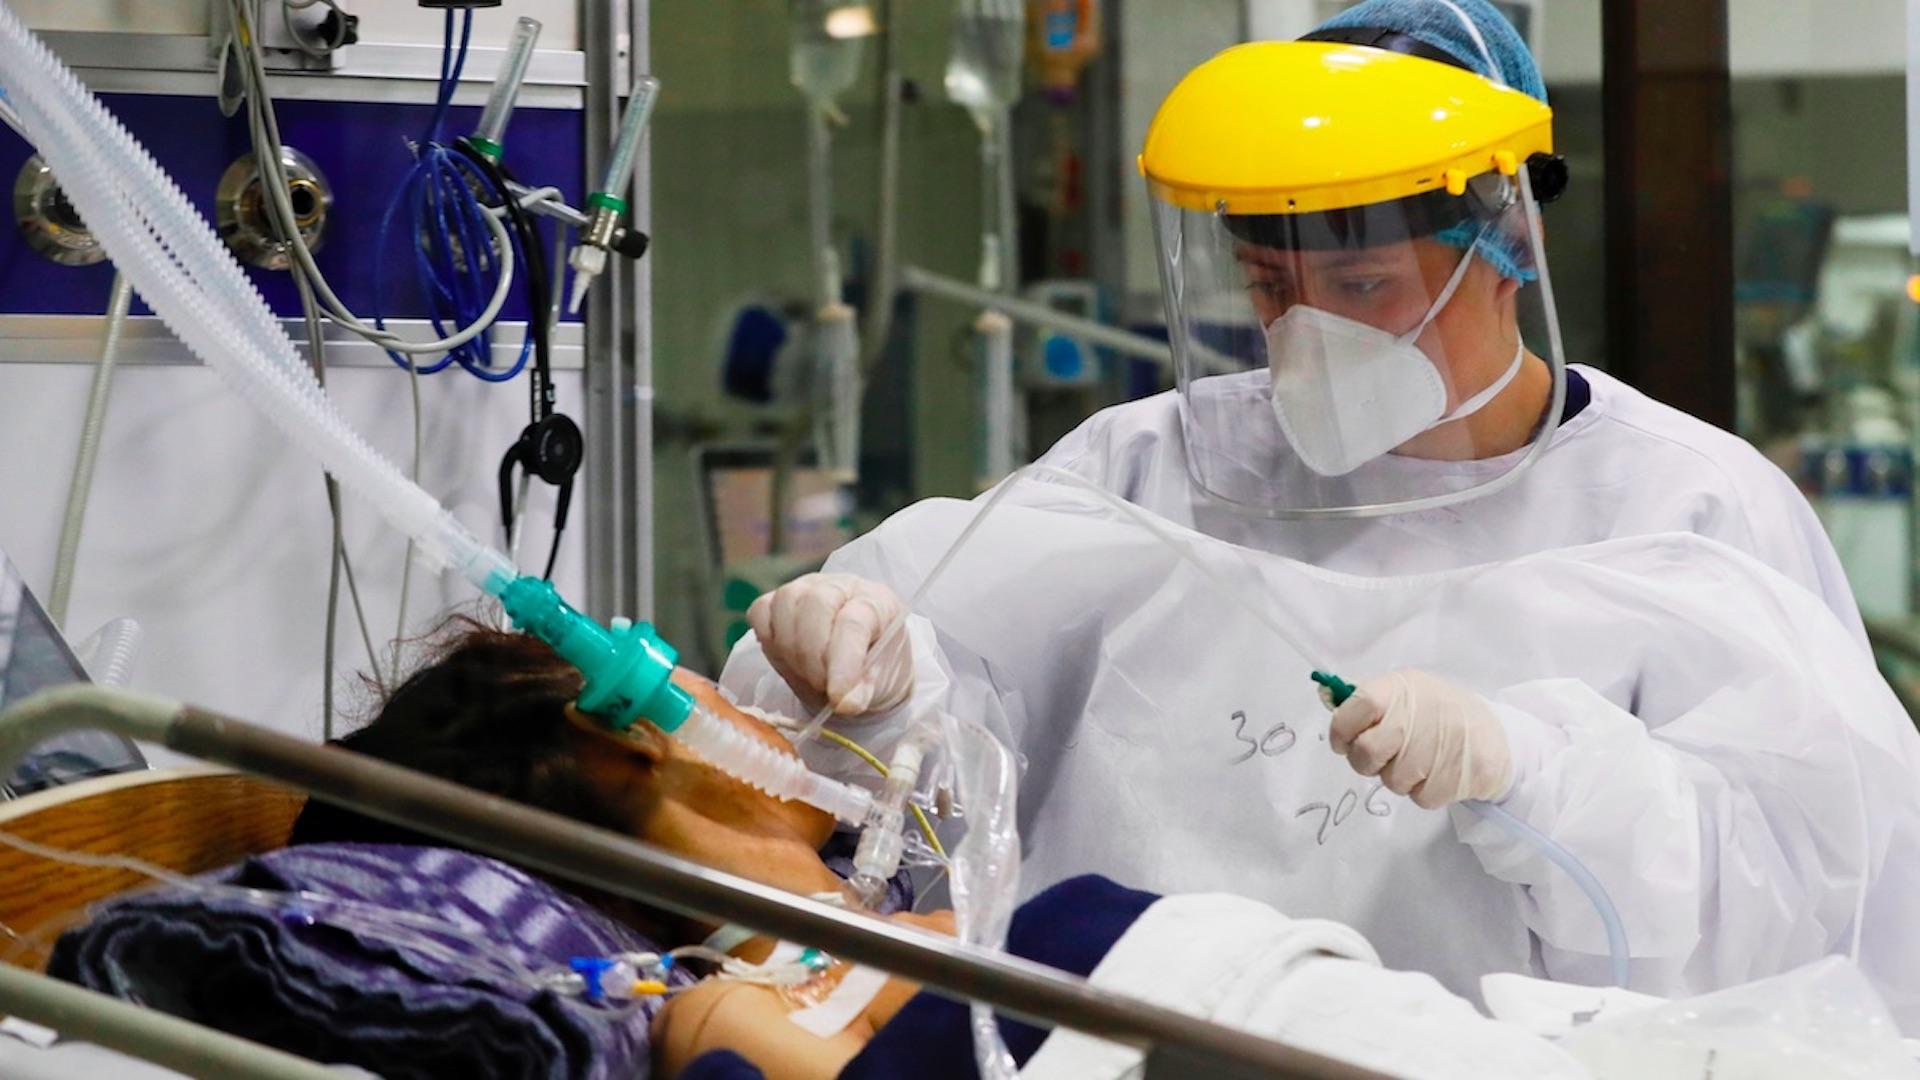 México registró en las últimas 24 horas 4 mil 98 casos y 167 muertes por COVID-19- Cruz Roja alerta por posible colapso sanitario en Latinoamérica debido a COVID-19